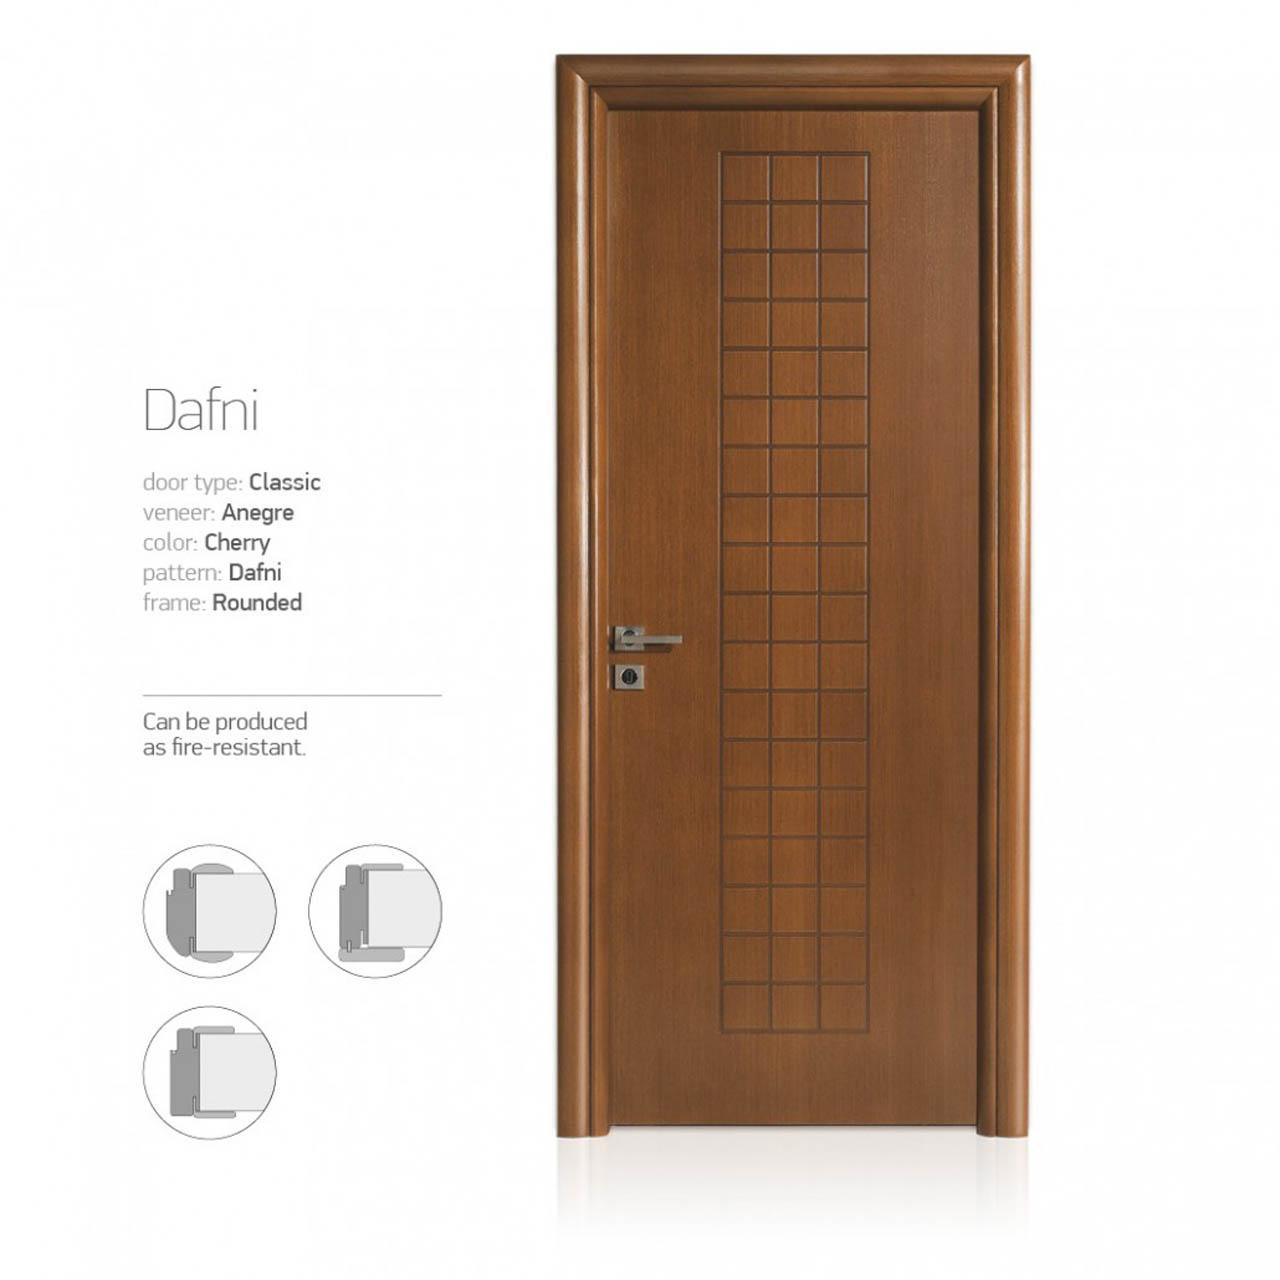 portes-site-classic-eng3-1030x1030